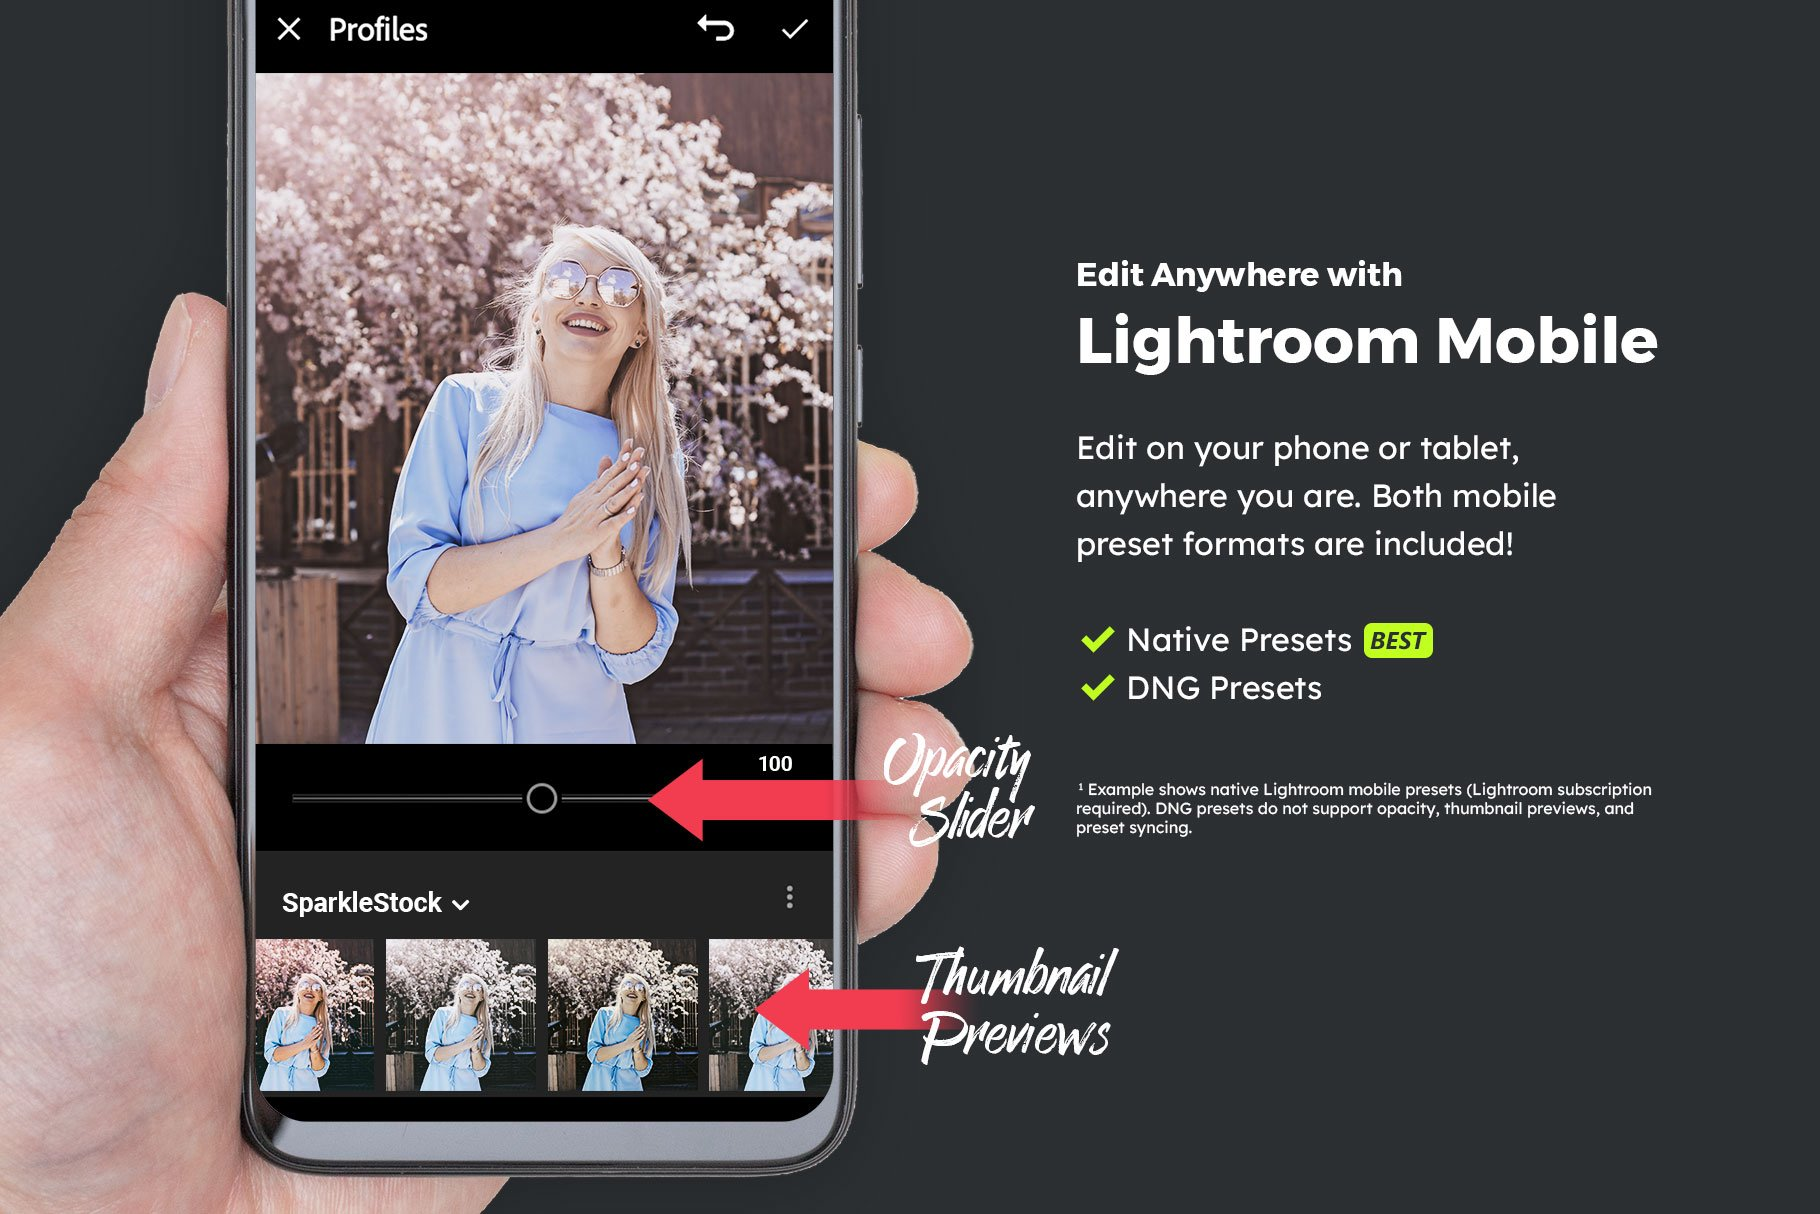 20款蓝色调海滩摄影照片调色滤镜LR预设 20 Blueberry Lightroom Presets & LUT插图(5)